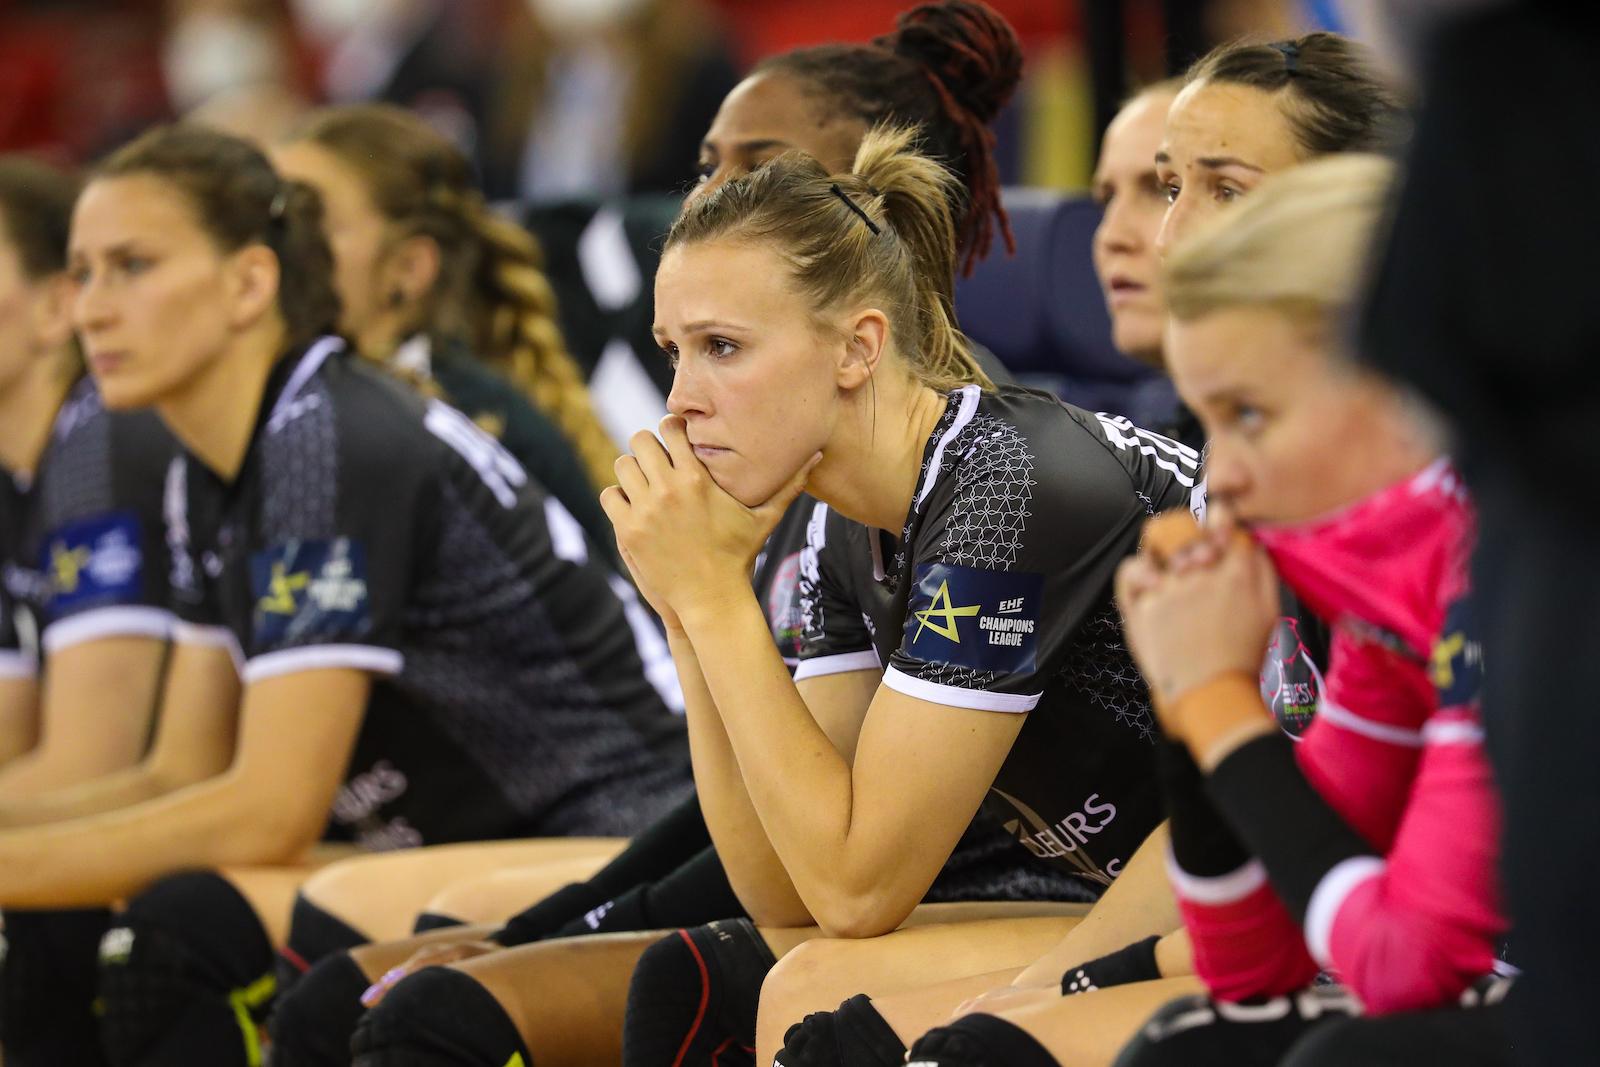 Ligue des champions : les Brestoises échouent contre Kristiansand en finale - Ligue des Champions